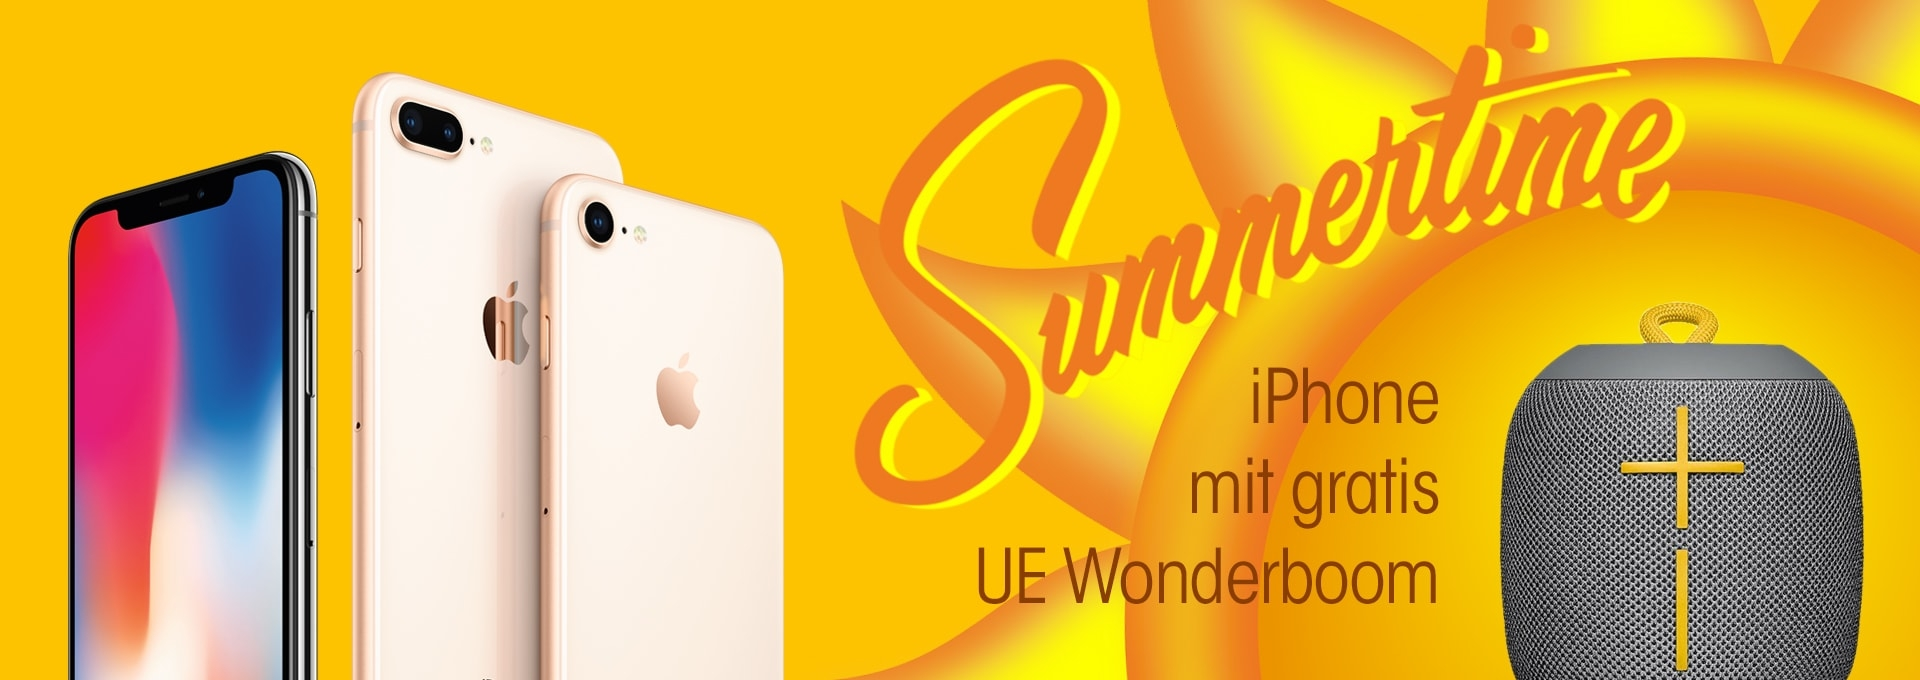 iPhone 256 GB mit gratis UE Wonderboom